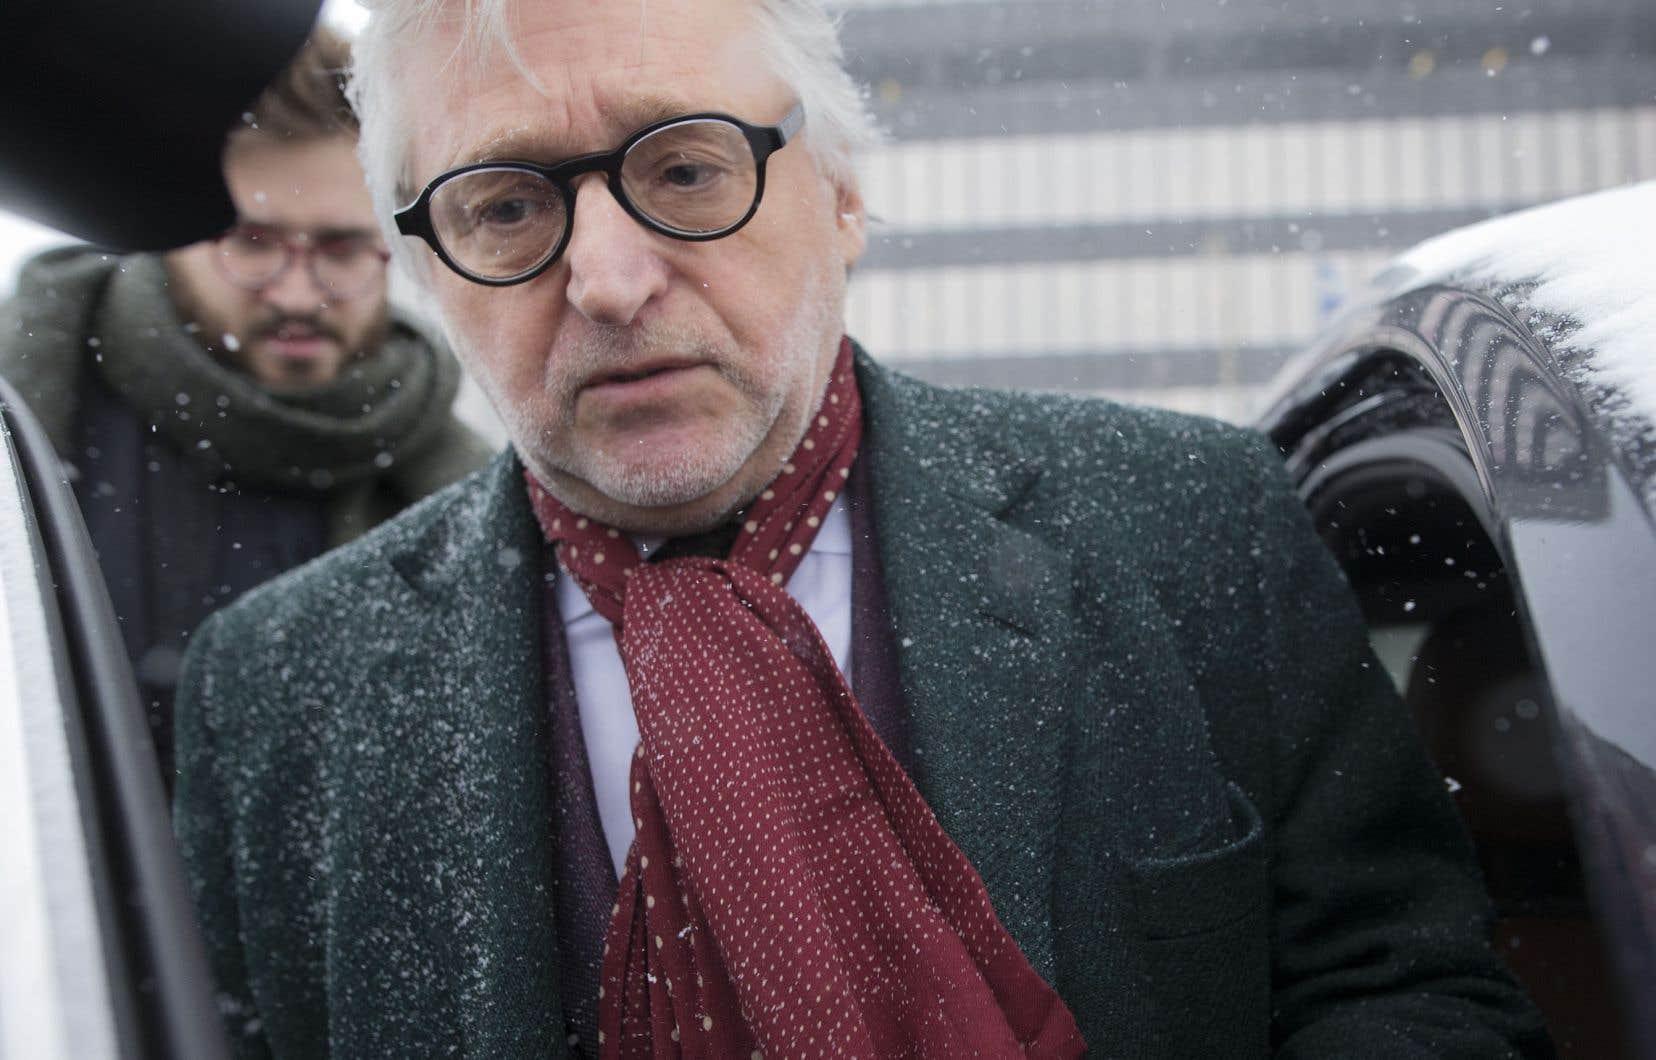 Le 8 février dernier, lors de sa première apparition publique suivant les révélations, Gilbert Rozon a nié les allégations d'inconduites sexuelles.